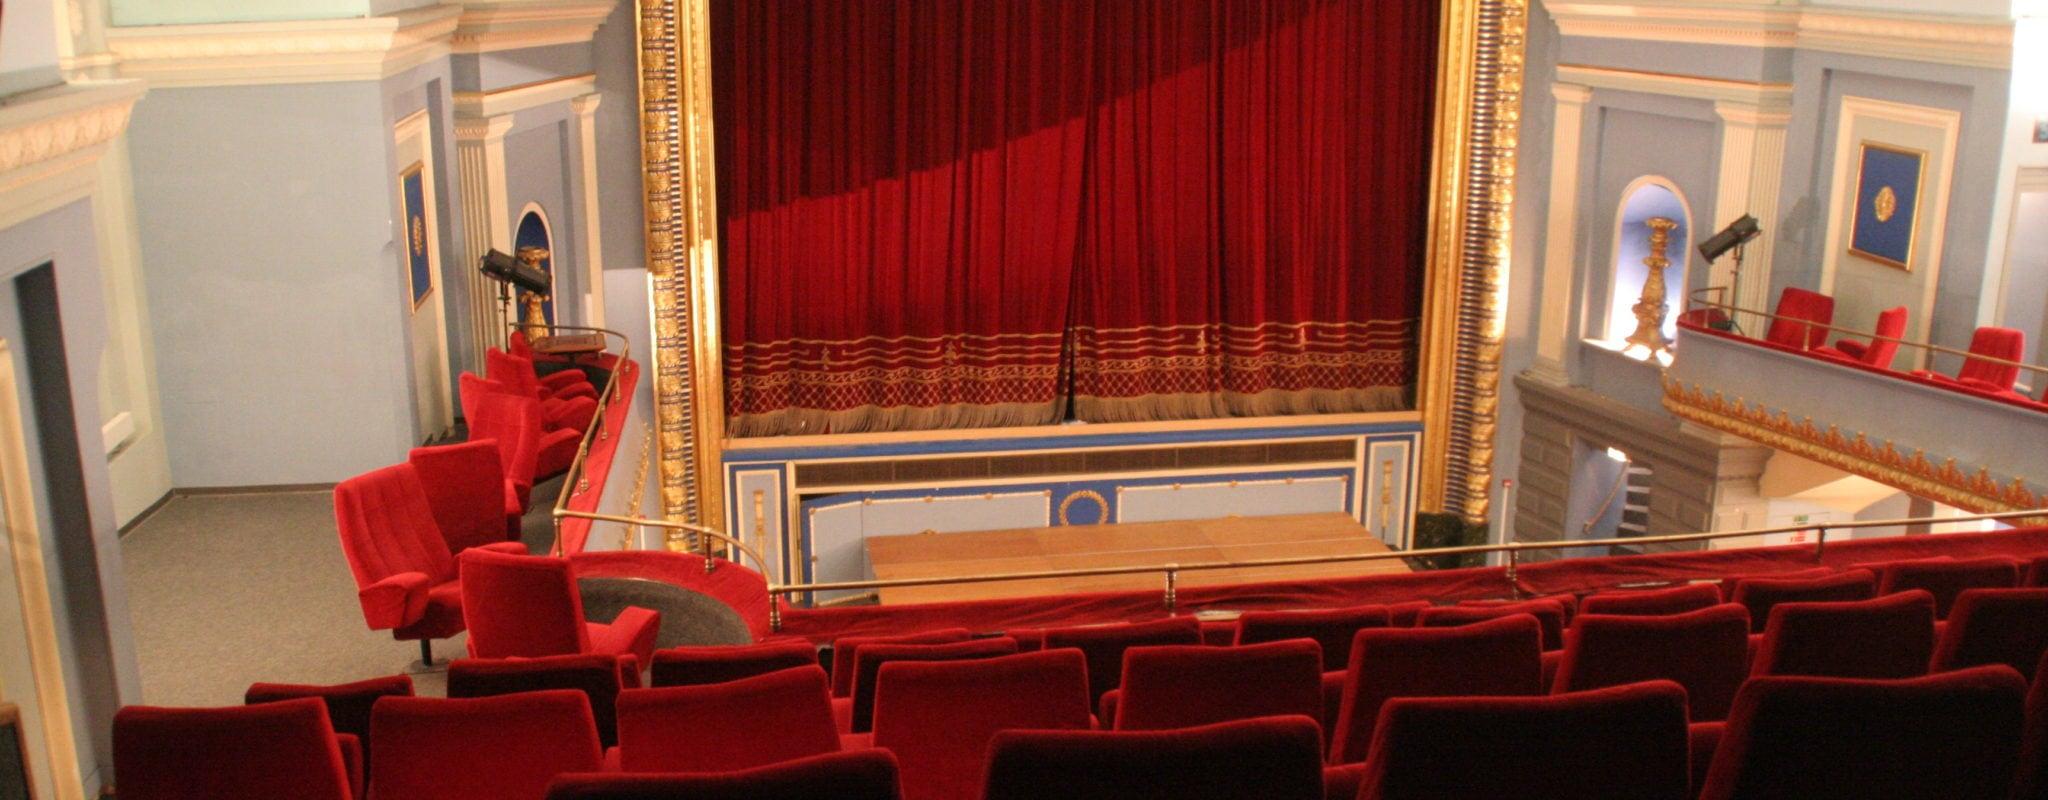 Cinéma Odyssée : Strasbourg octroie une 4e délégation à la même équipe